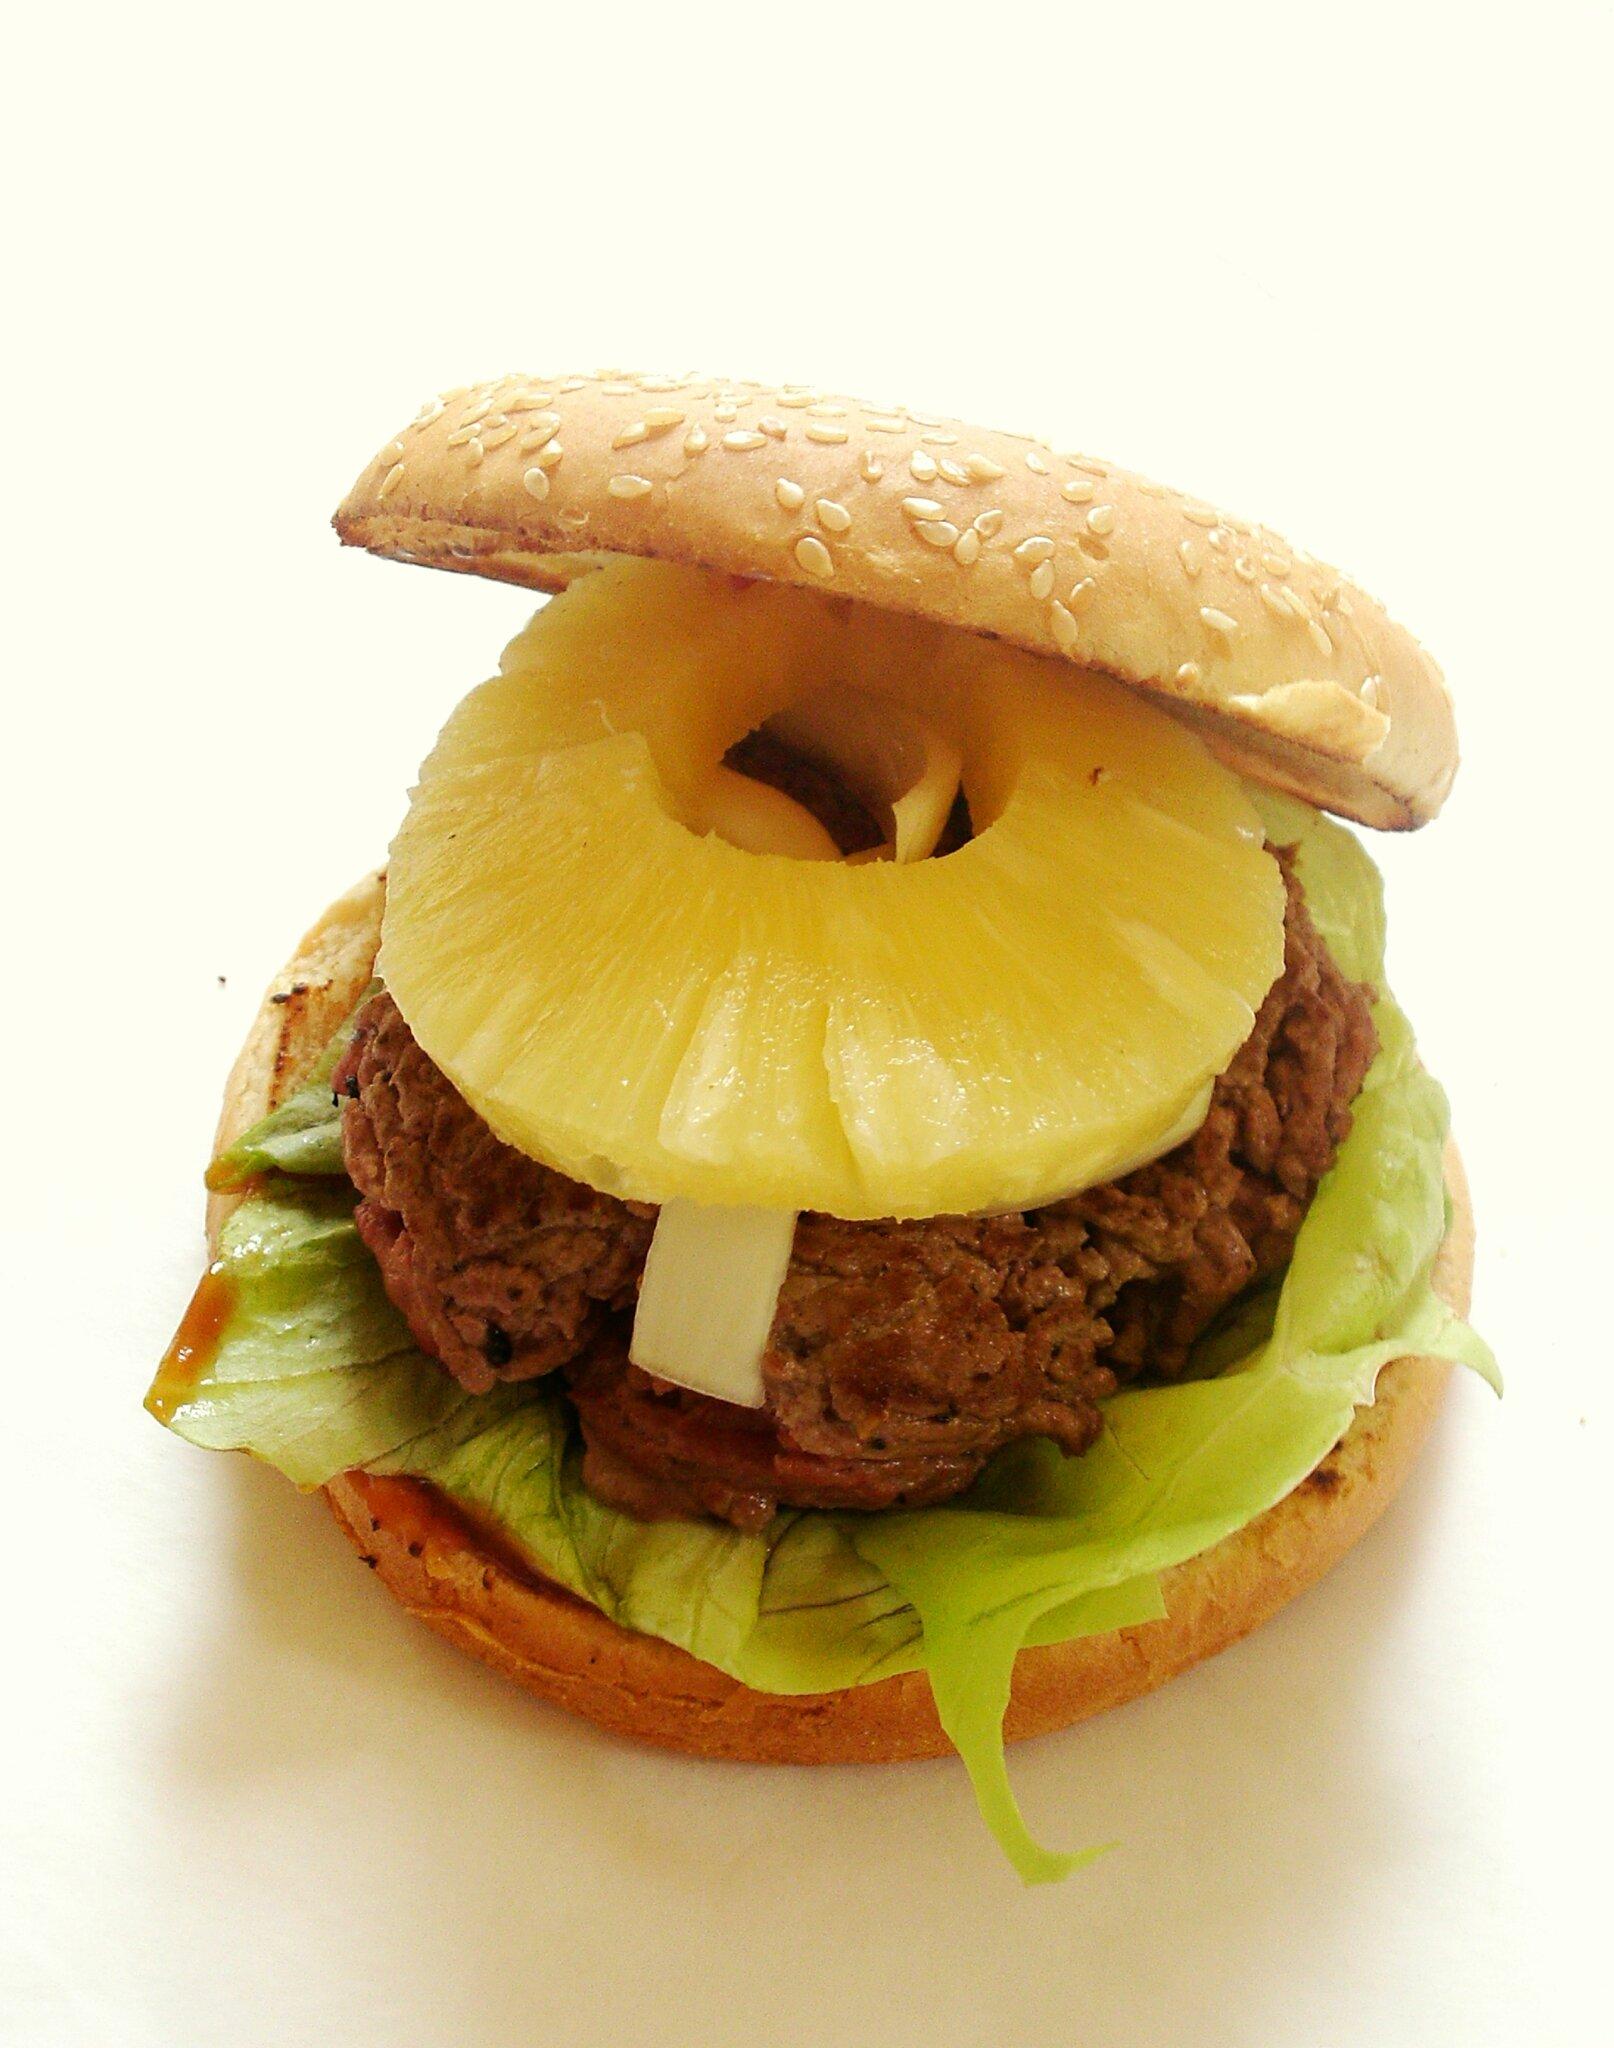 Recette de hamburger maison au boeuf et à lananas - 120 street cook ...